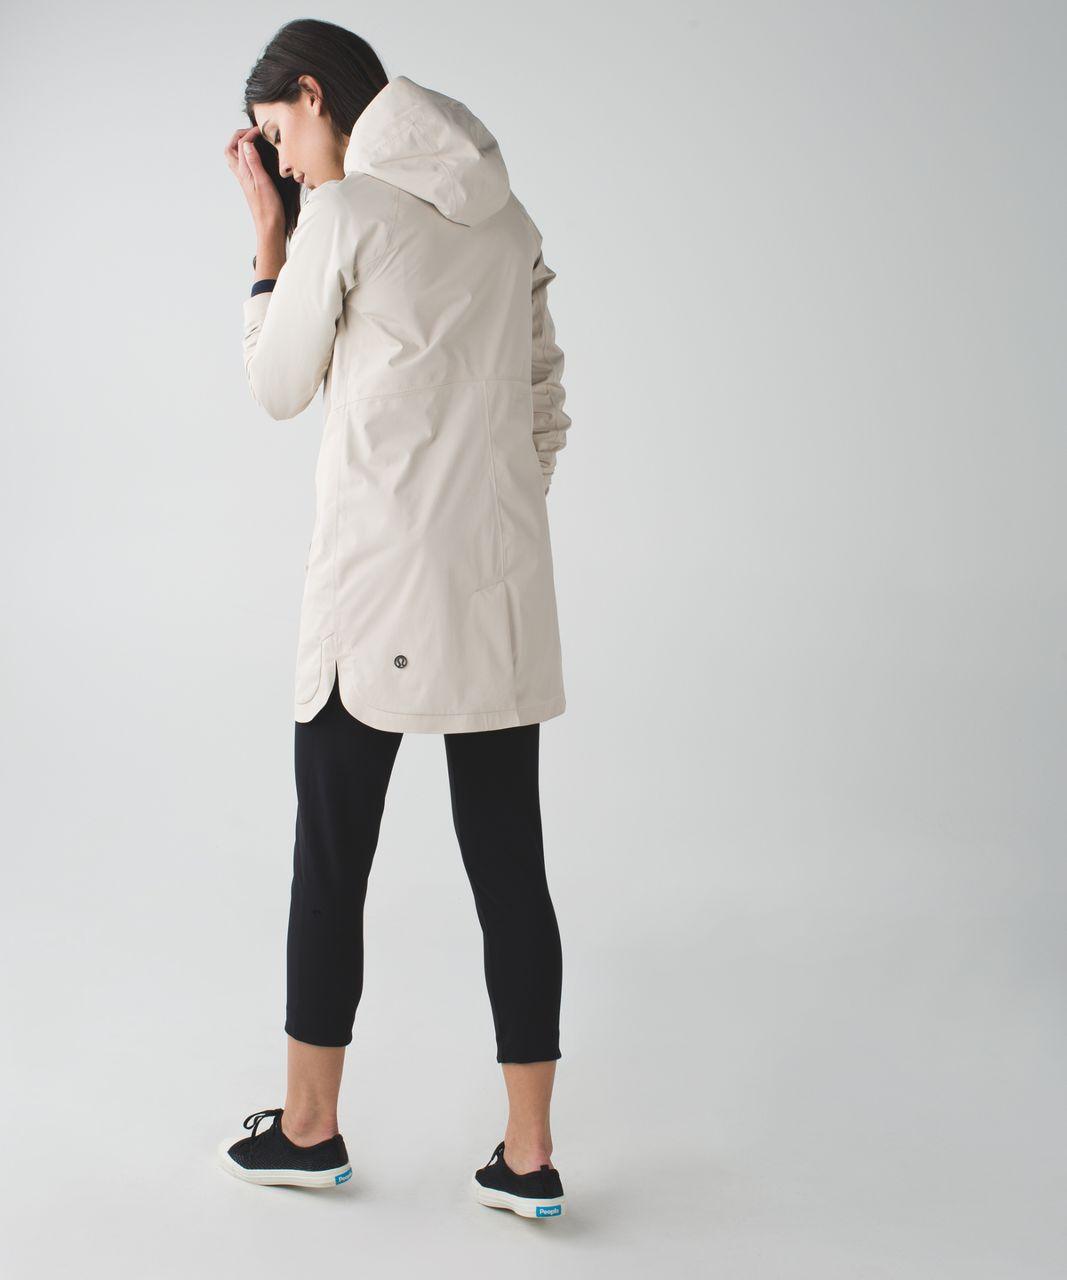 Lululemon Definitely Raining Jacket - Cashew